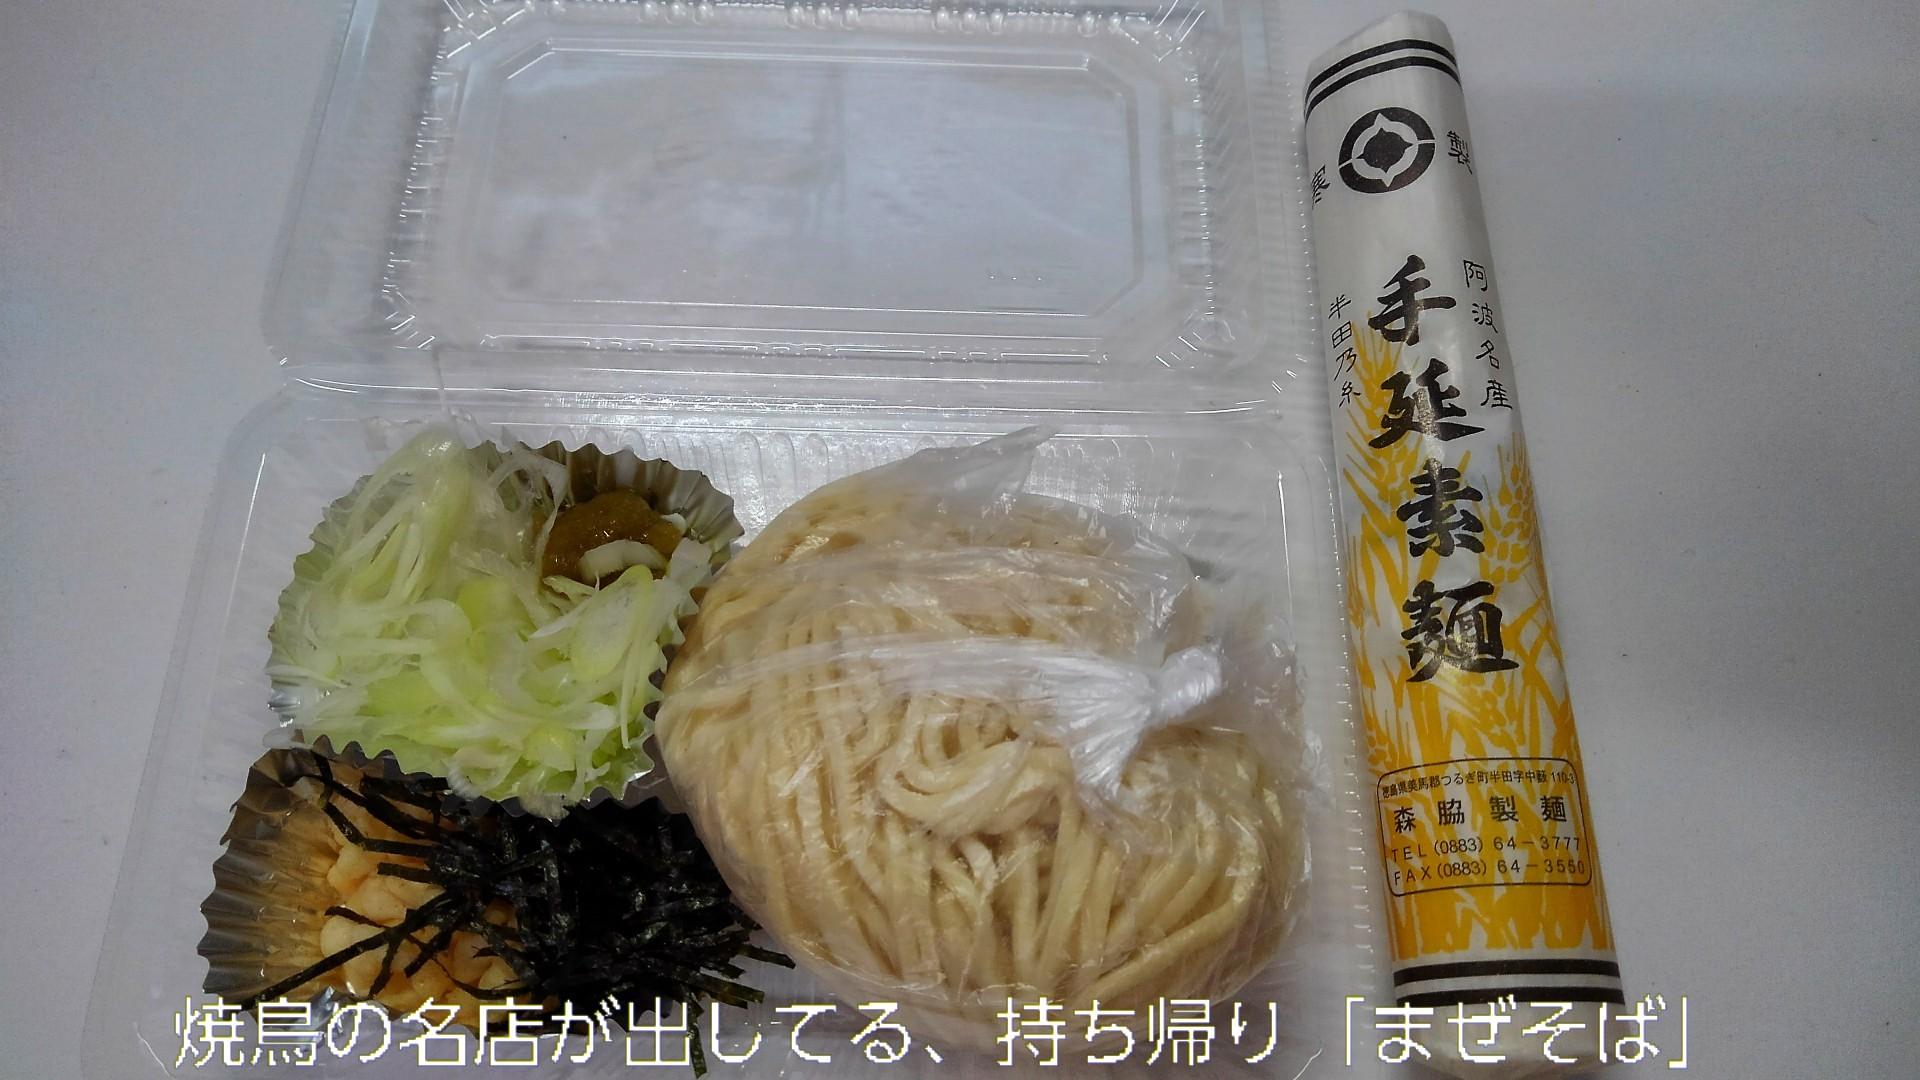 名店の黄金スープで、半田素麺!_b0339522_14055131.jpg